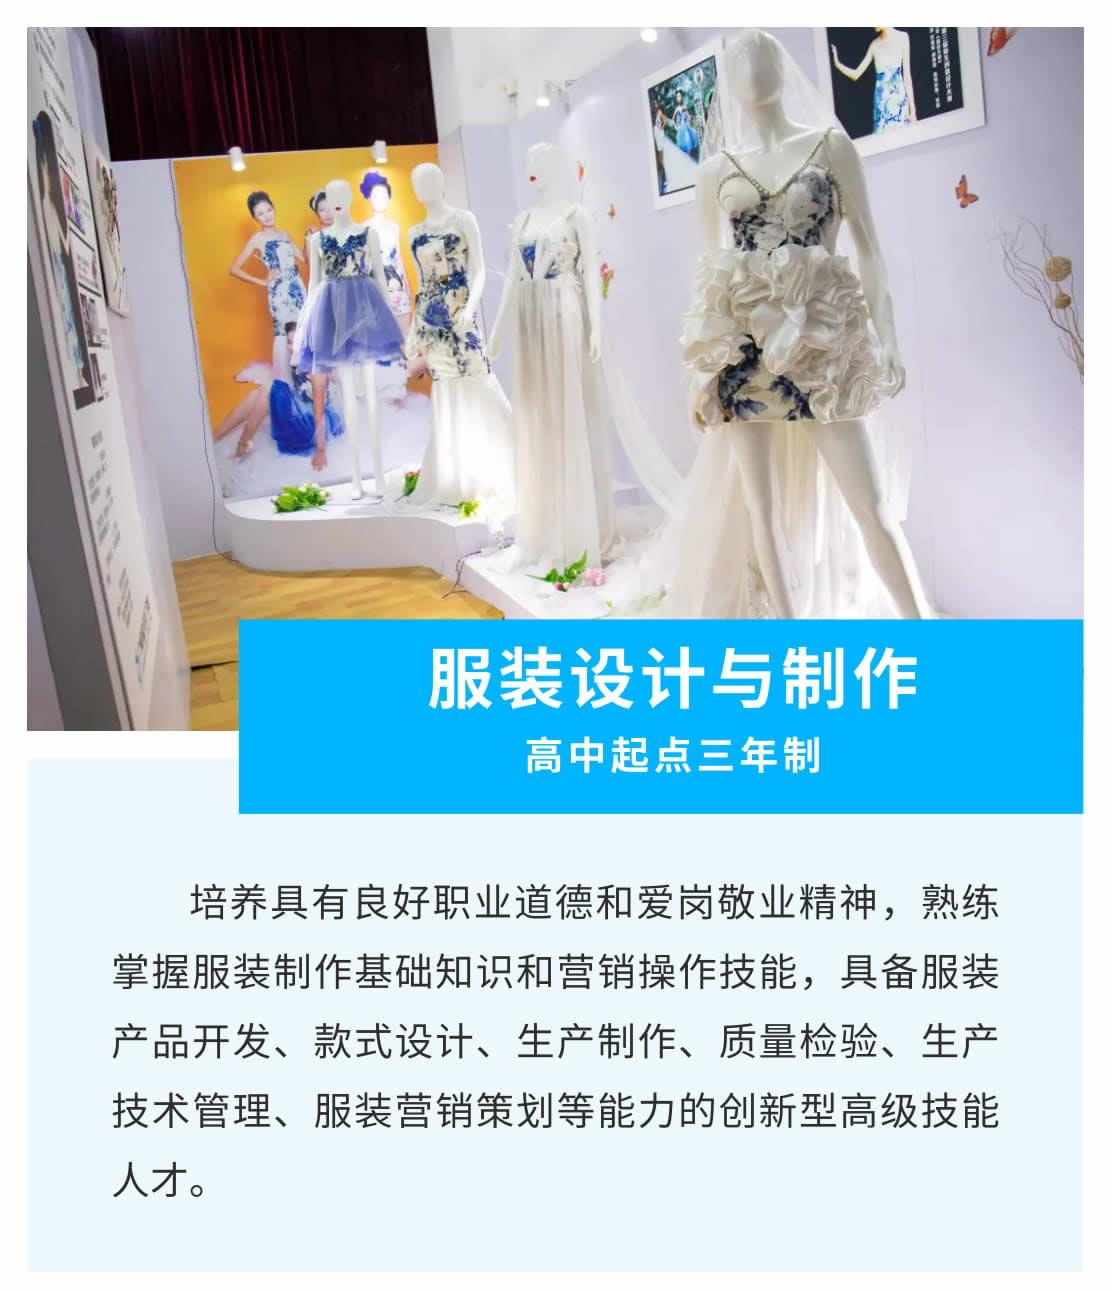 服装设计与制作(高中起点三年制)-1_r1_c1.jpg